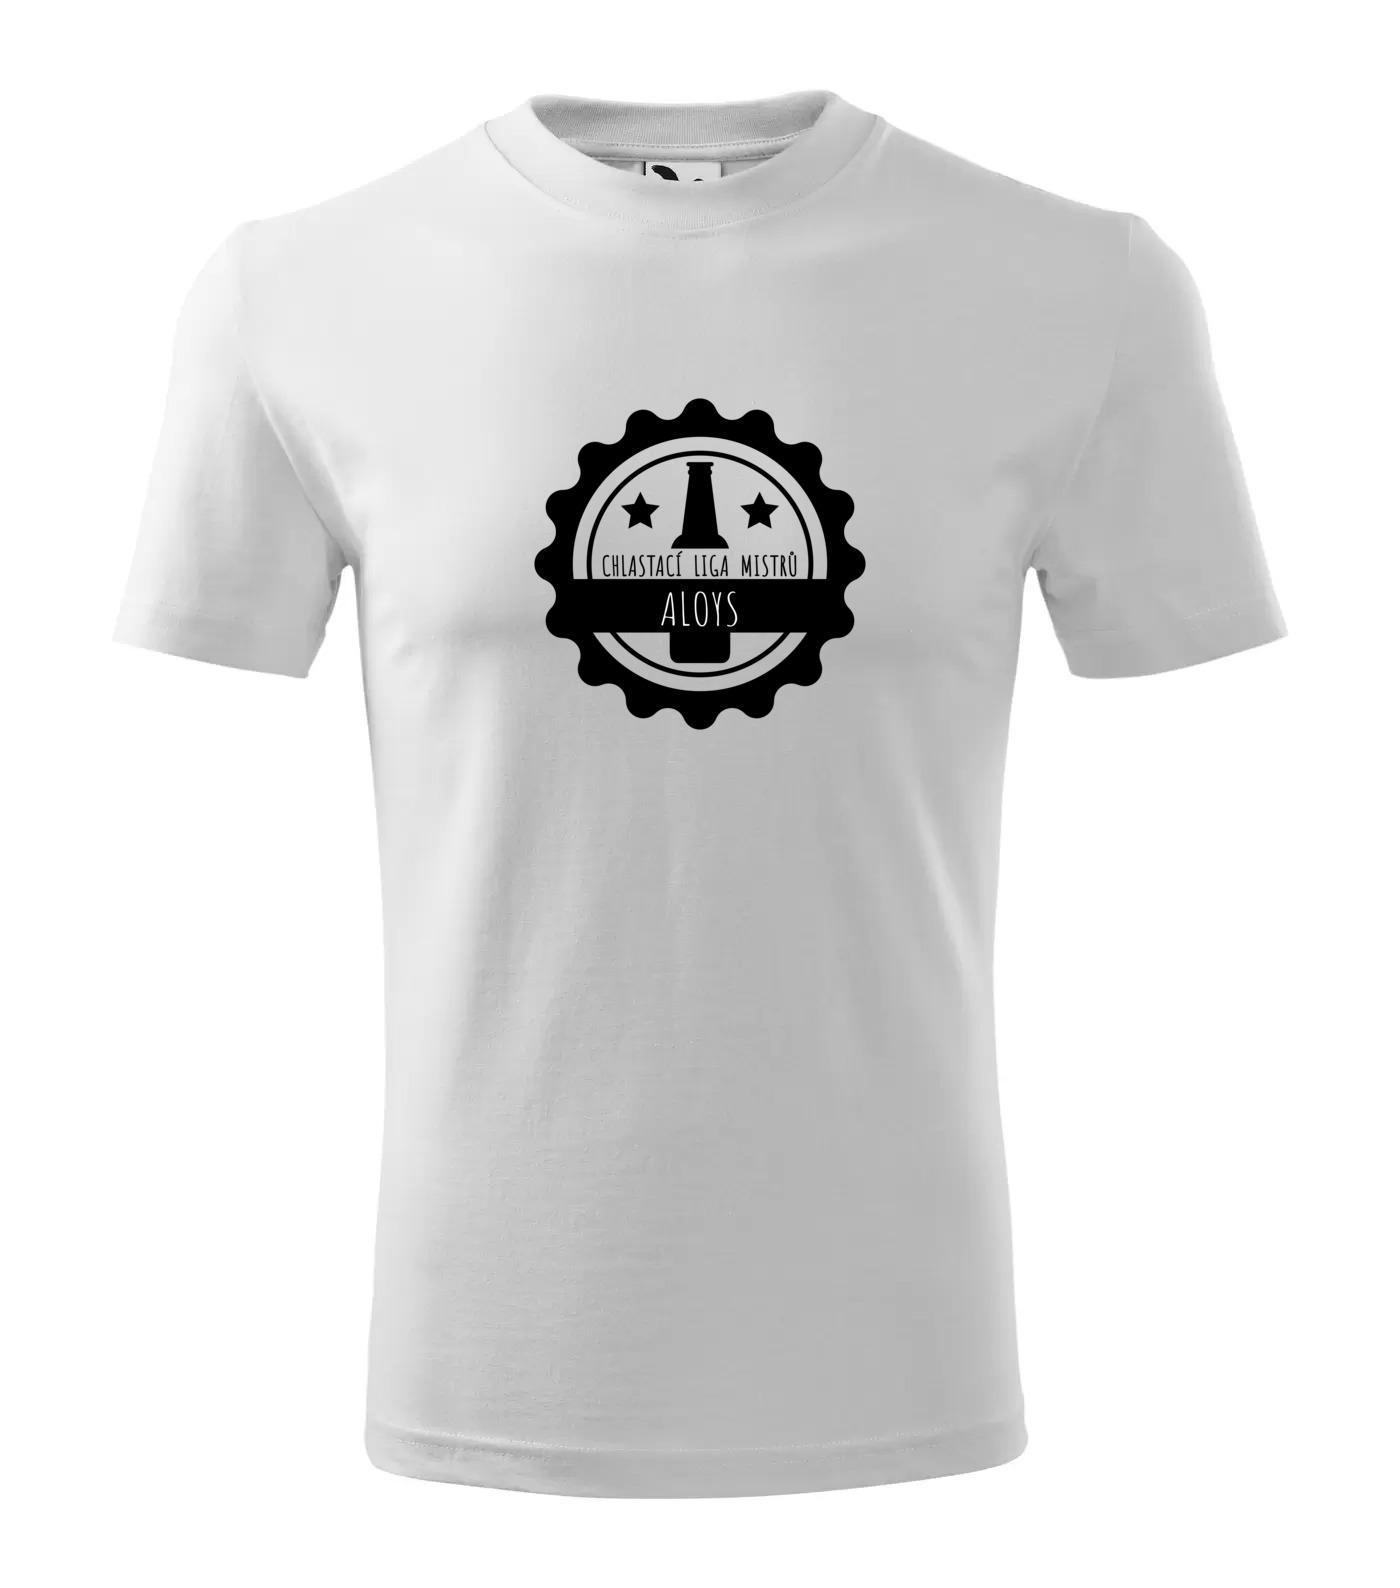 Tričko Chlastací liga mužů Aloys